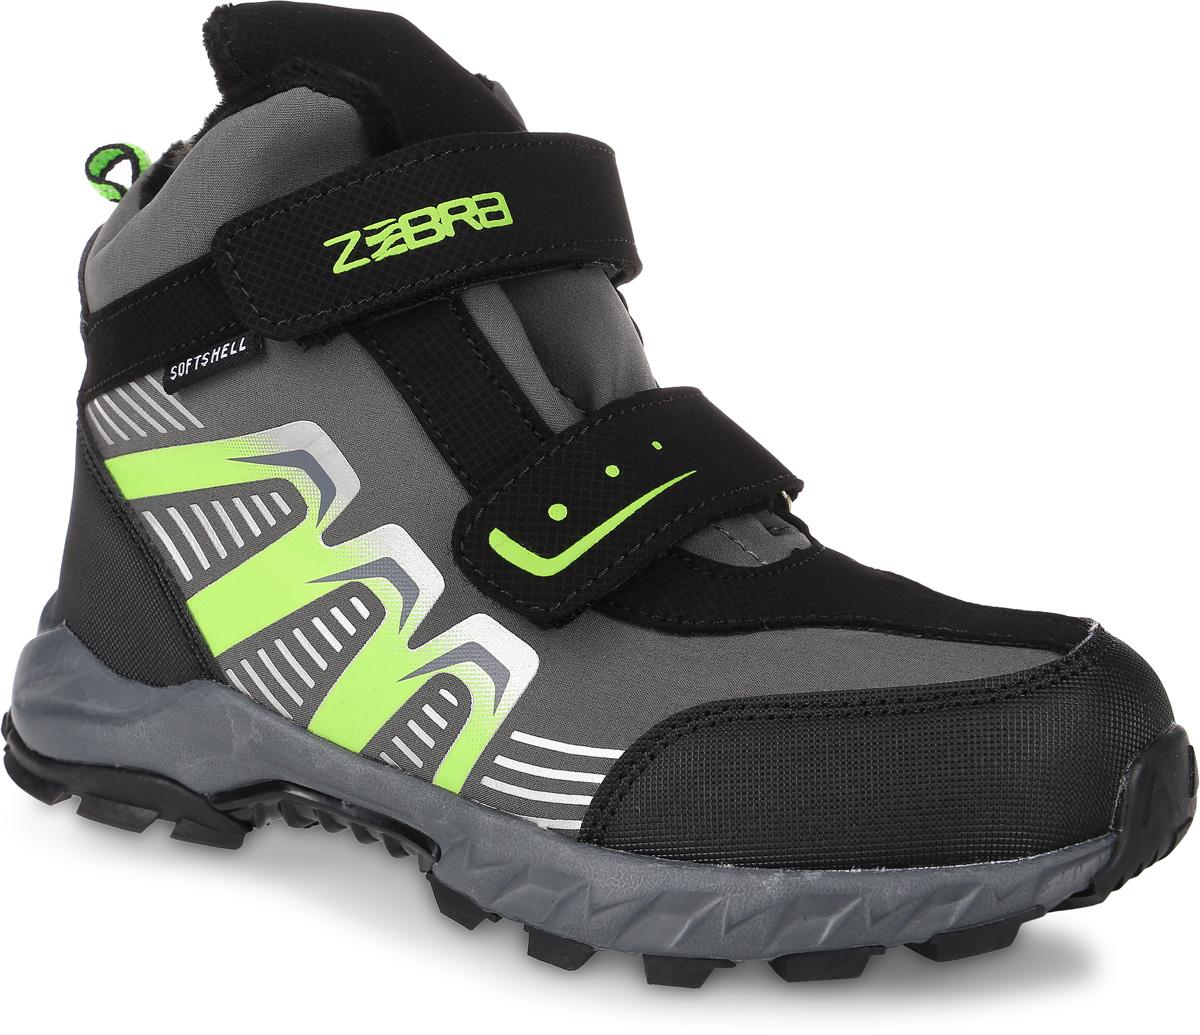 Ботинки для мальчика Зебра, цвет: серый, черный, салатовый. 10971-10. Размер 3310971-10Ботинки Зебра выполнены из высококачественного текстиля с технологией SoftShell, которая обеспечивает ветро-влагонепроницаемую защиту. Модель оформлена оригинальным принтом. На ноге модель регулируется с помощью двух ремешков с застежками-липучками, один из которых оформлен надписью с названием бренда. Ярлычок на заднике облегчит надевание модели. Внутренняя поверхность выполнена из ворсистого текстиля, который обеспечит тепло. Стелька выполнена из легкого ЭВА-материала с поверхностью из ворсистого текстиля. Подошва изготовлена из ЭВА-материала. Поверхность подошвы выполнена дополнена рельефным рисунком.